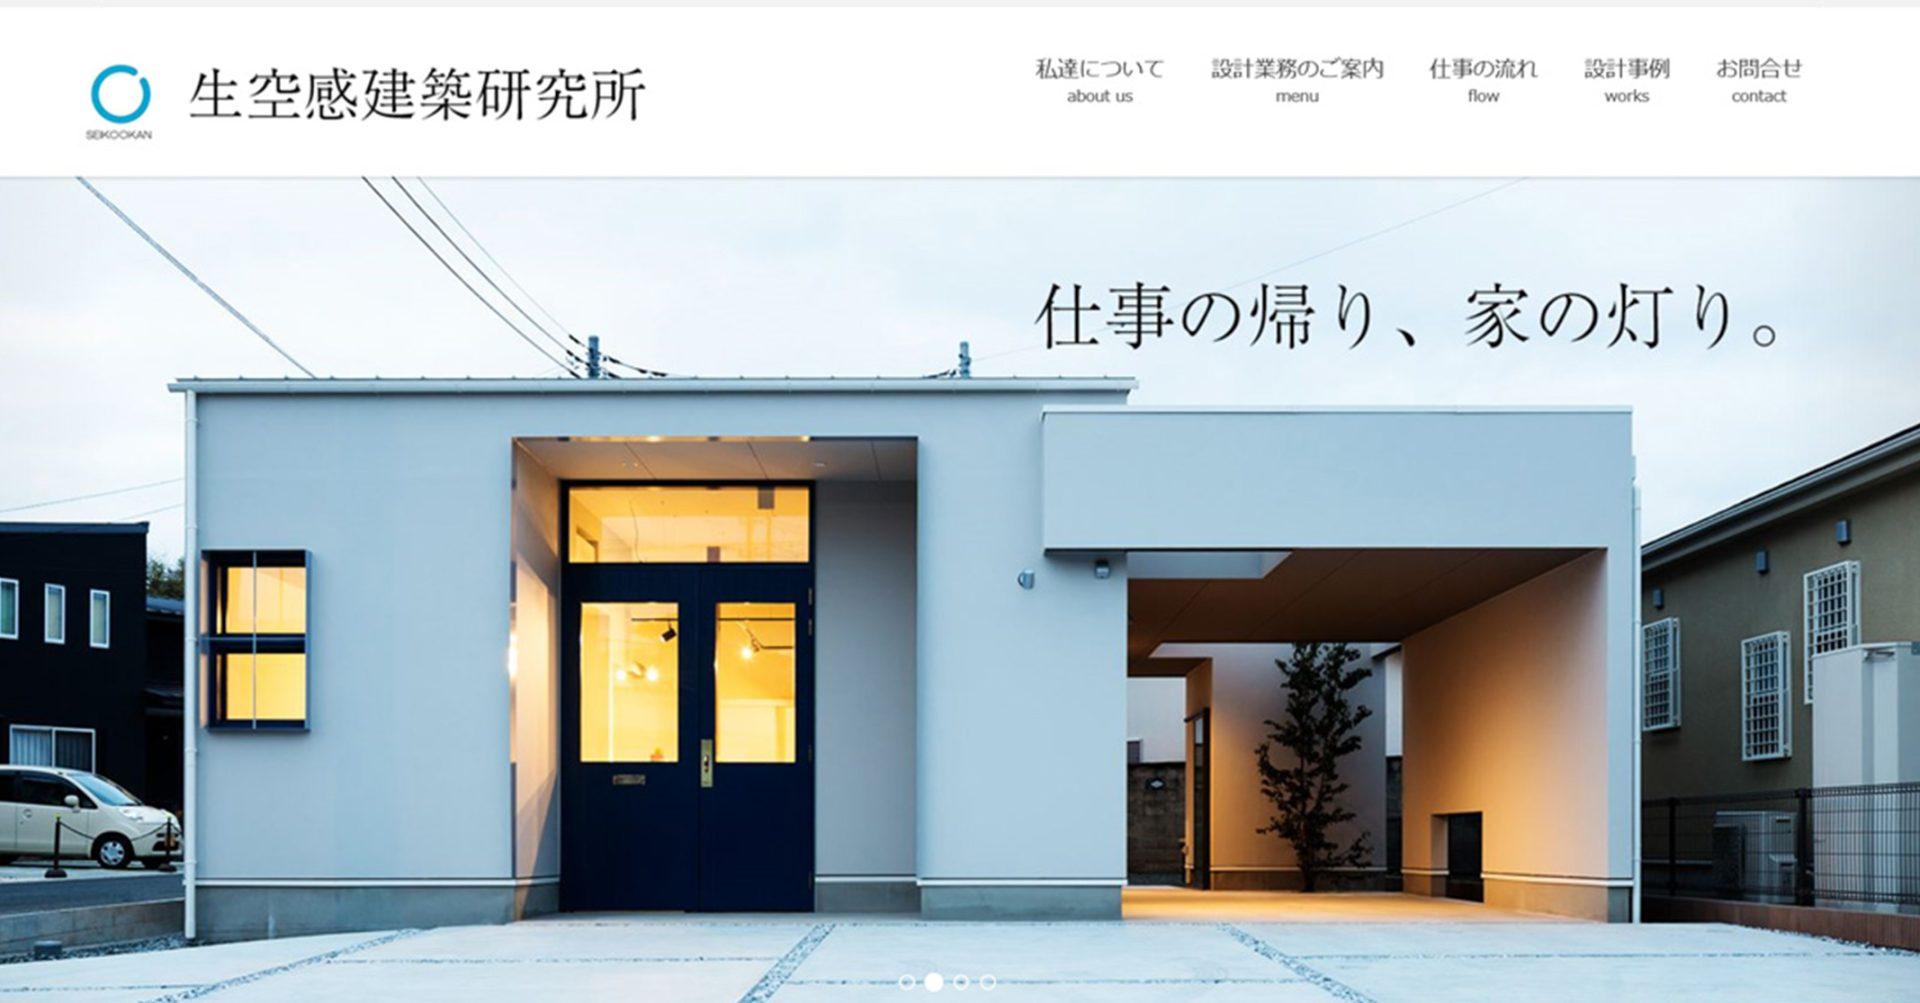 生空感建築研究所のホームページ